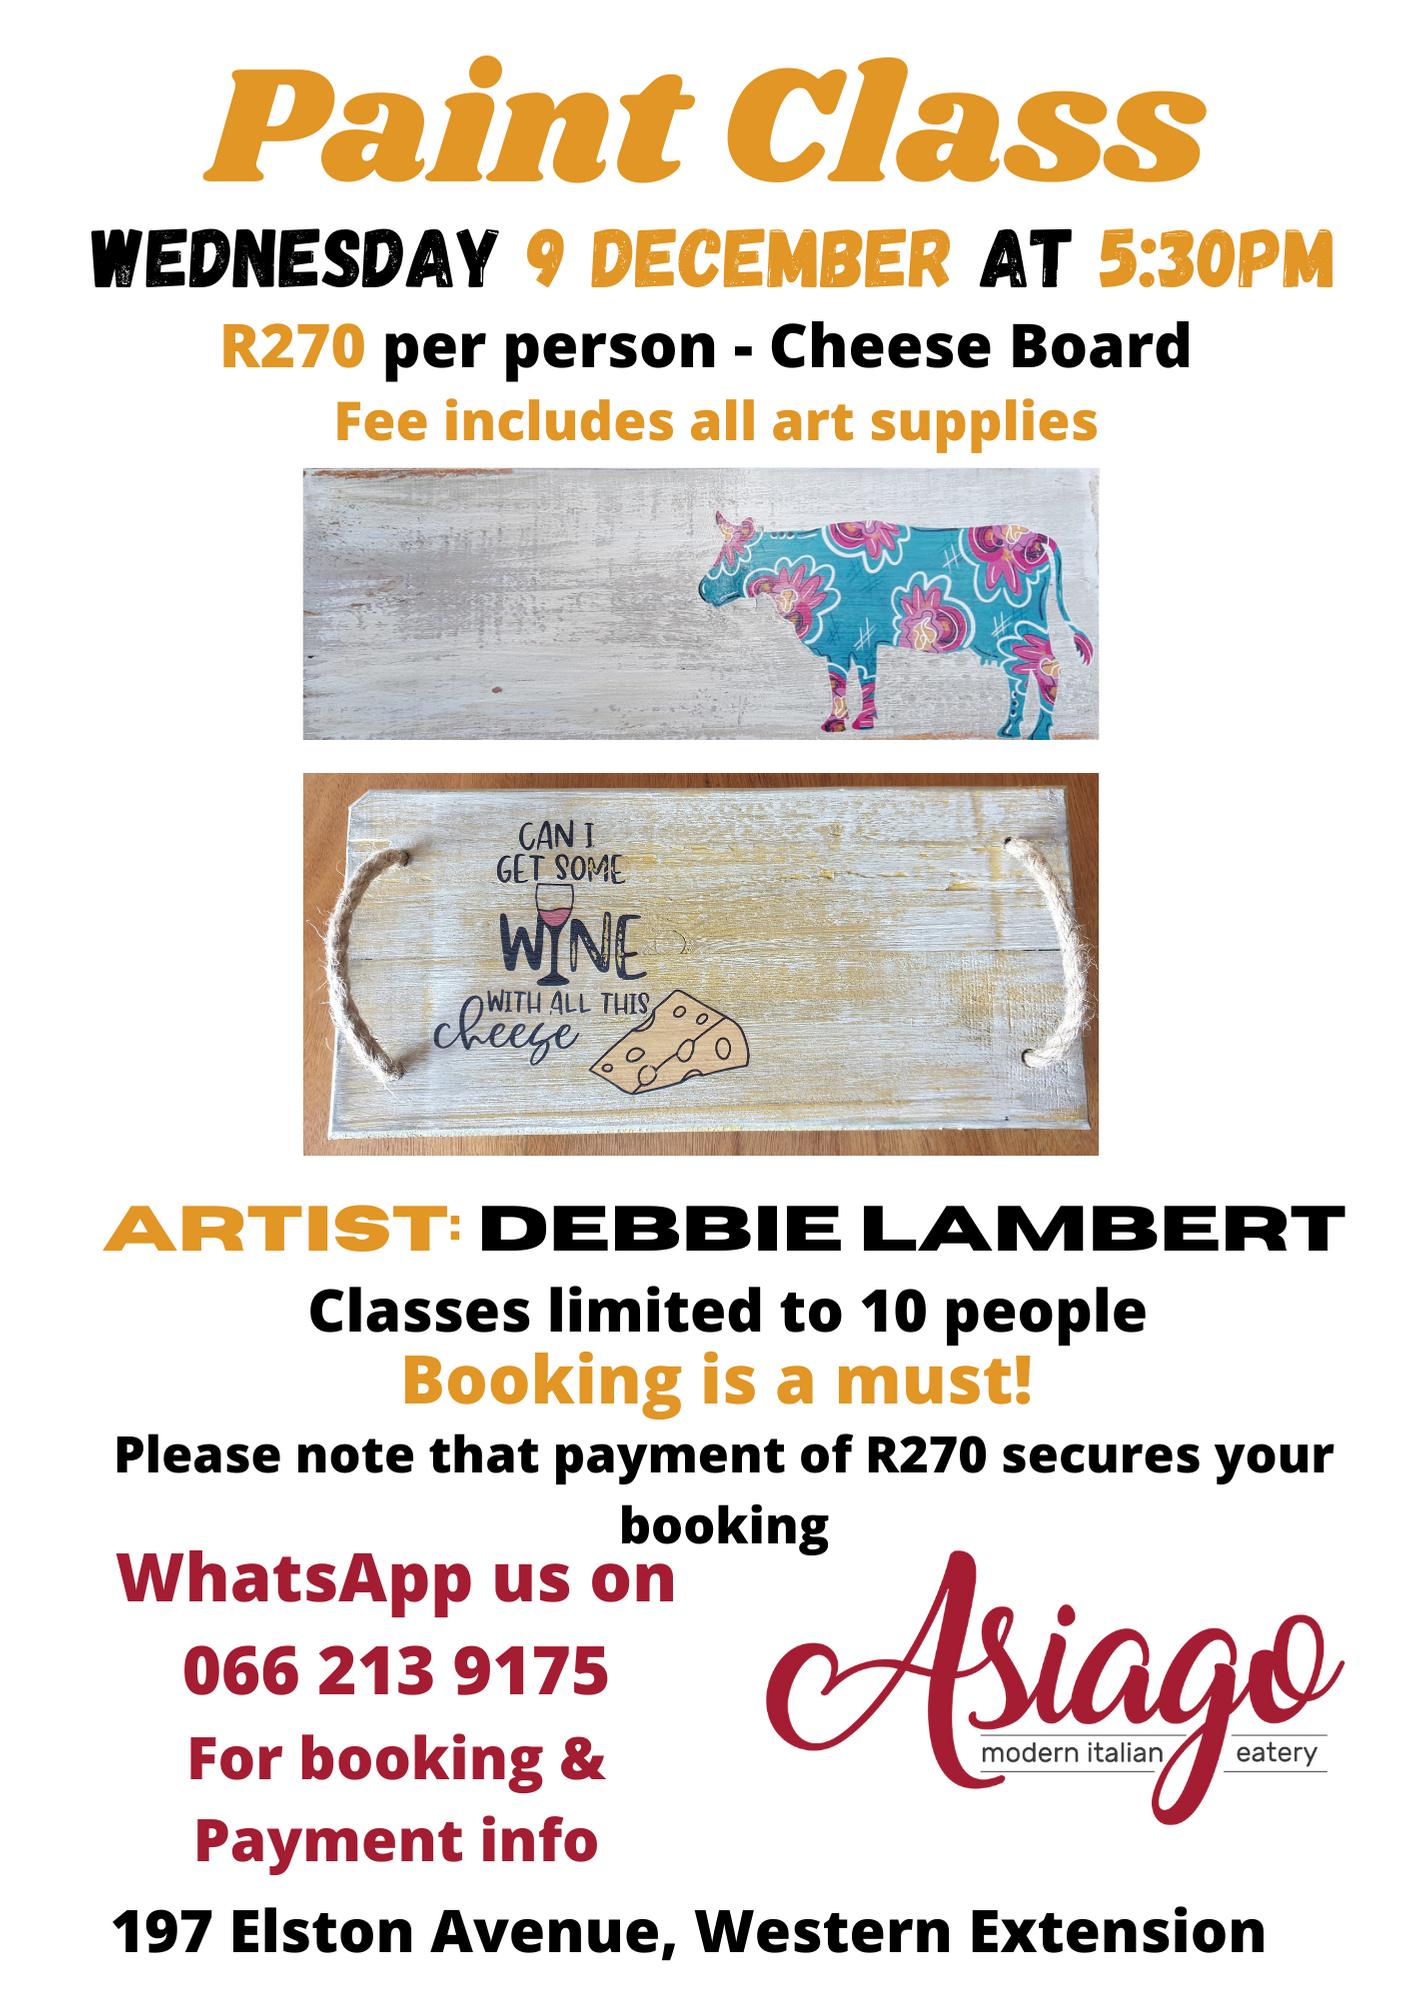 Paint Class 09 Dec 2020_CheeseBoard